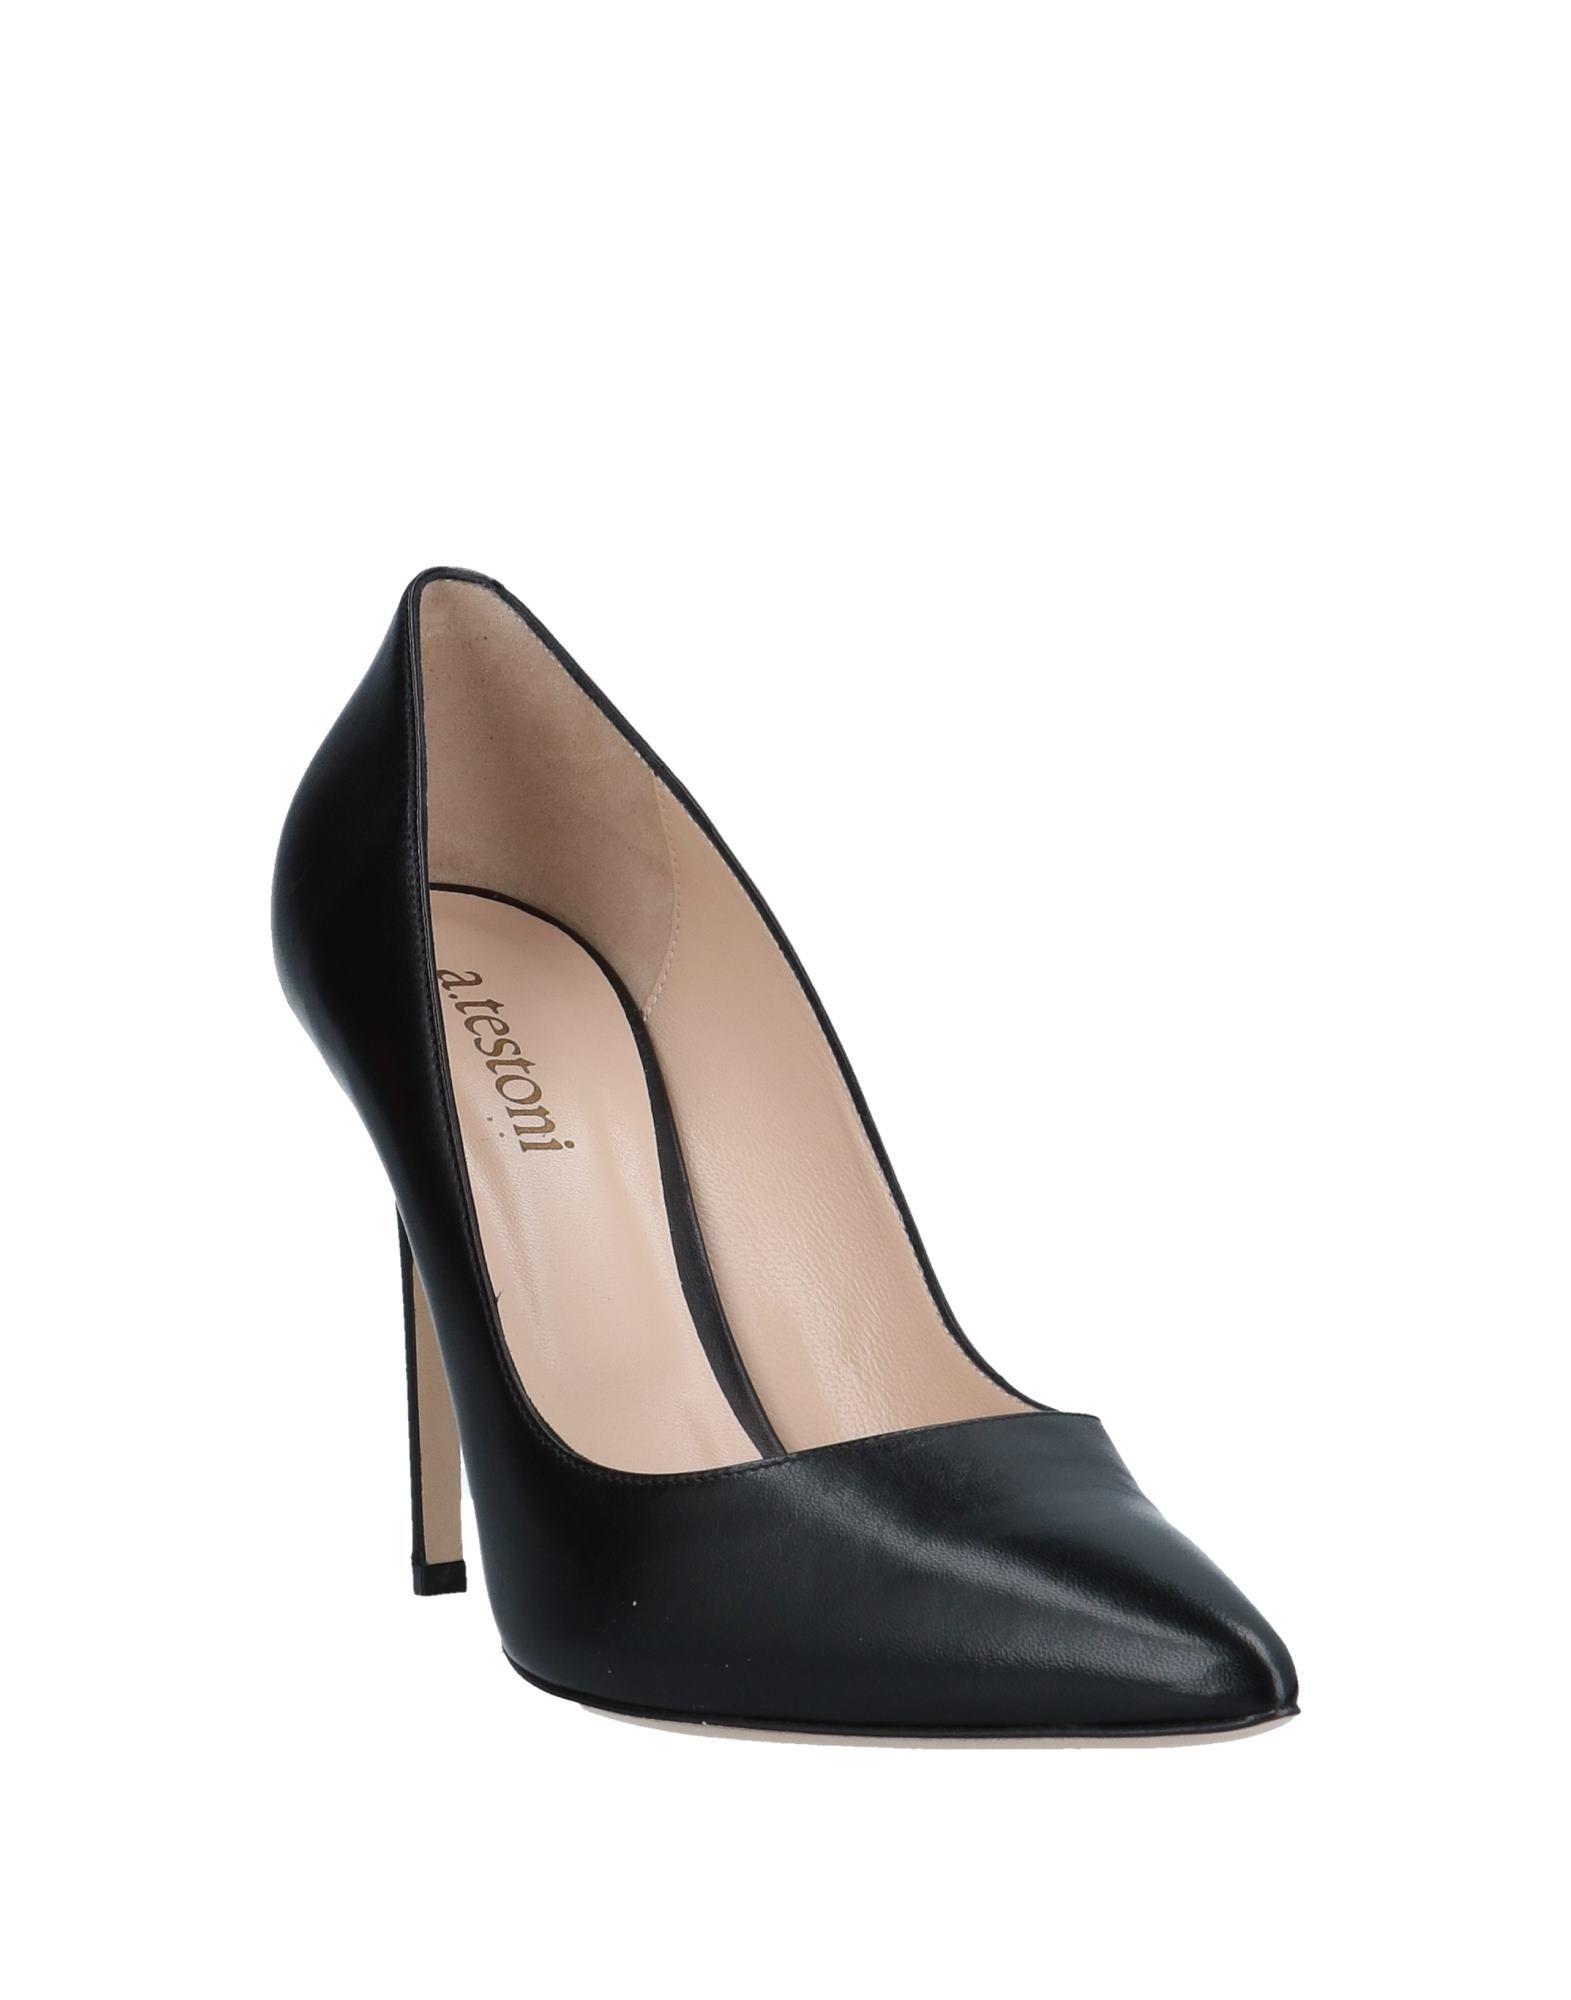 Rabatt Schuhe Schuhe Schuhe A.Testoni Pumps Damen  11548658VR b2e93d